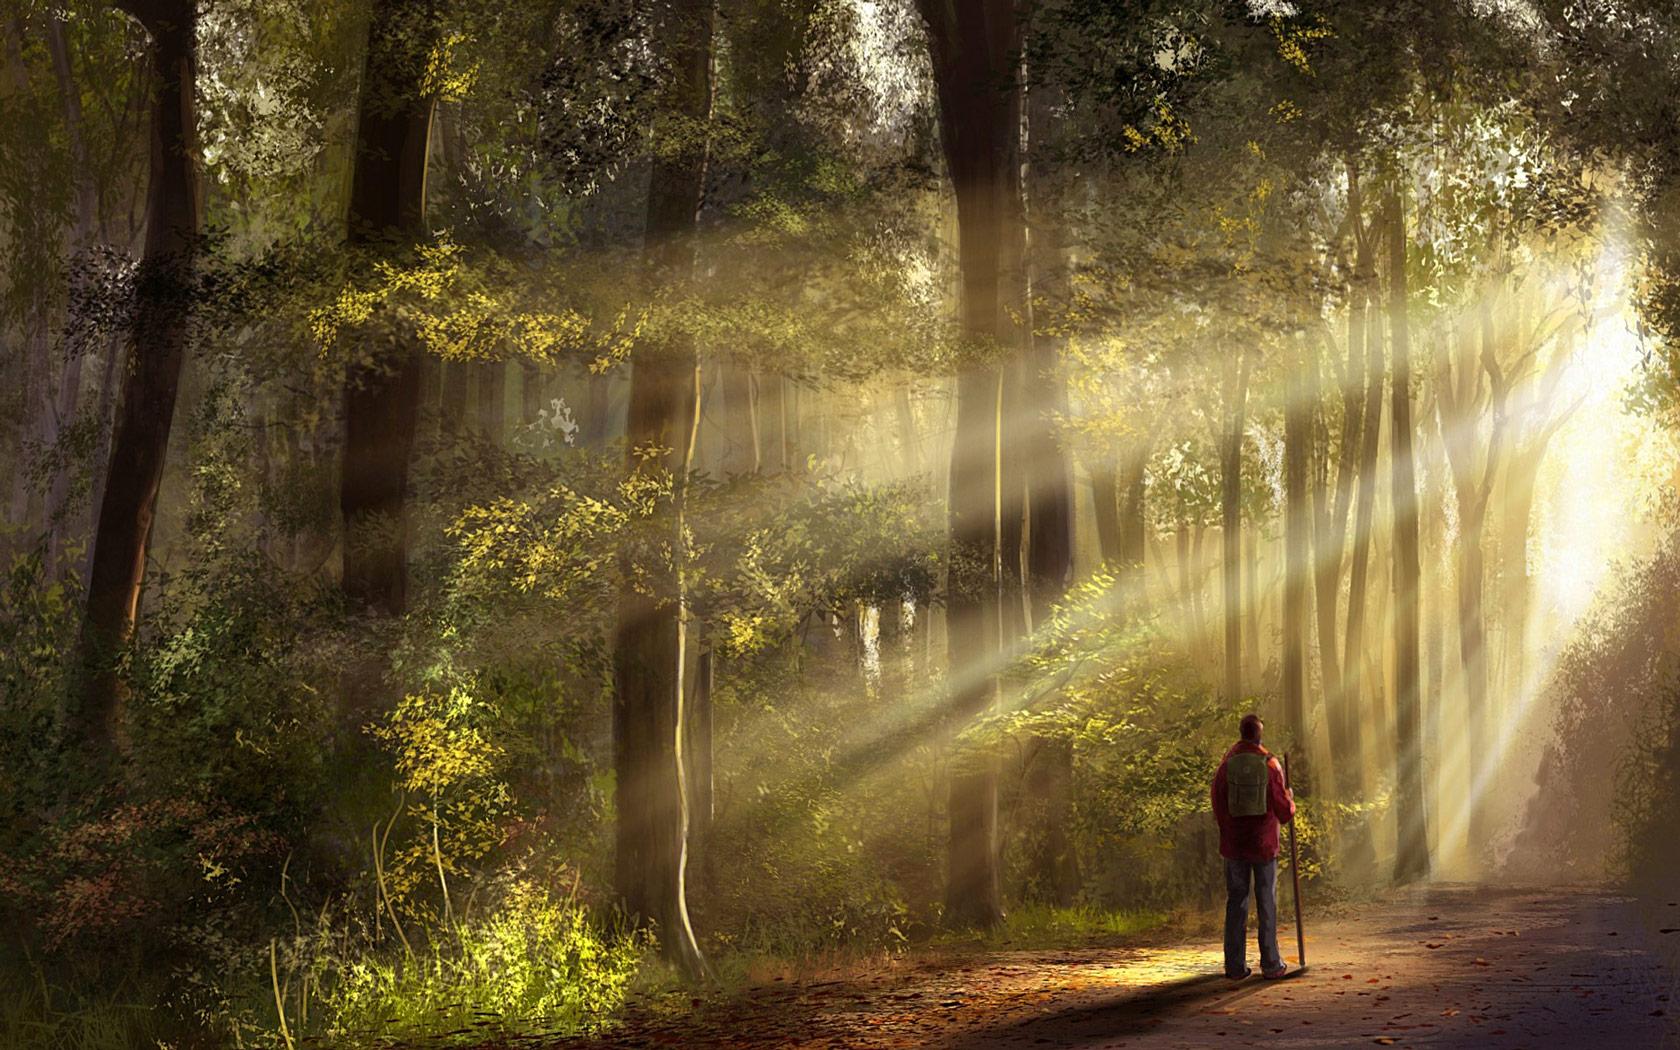 Haydi doğaya yürümeye!